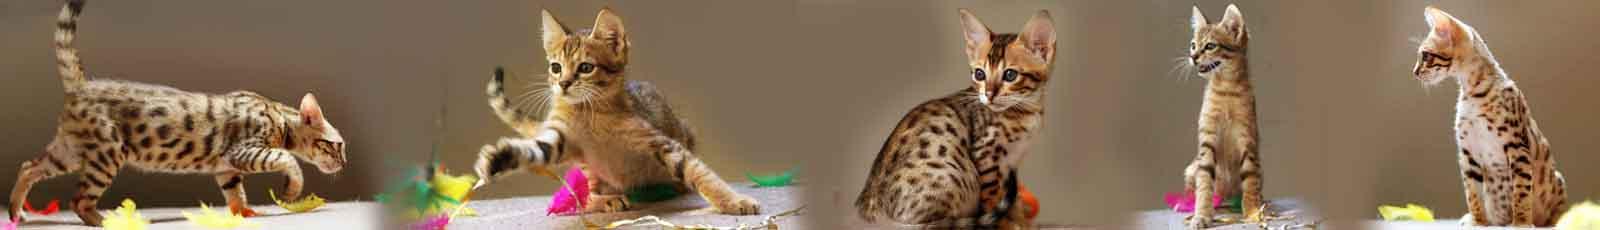 le savannah est un chat très sportif, il fait des bonds spectaculaires, il court très vite